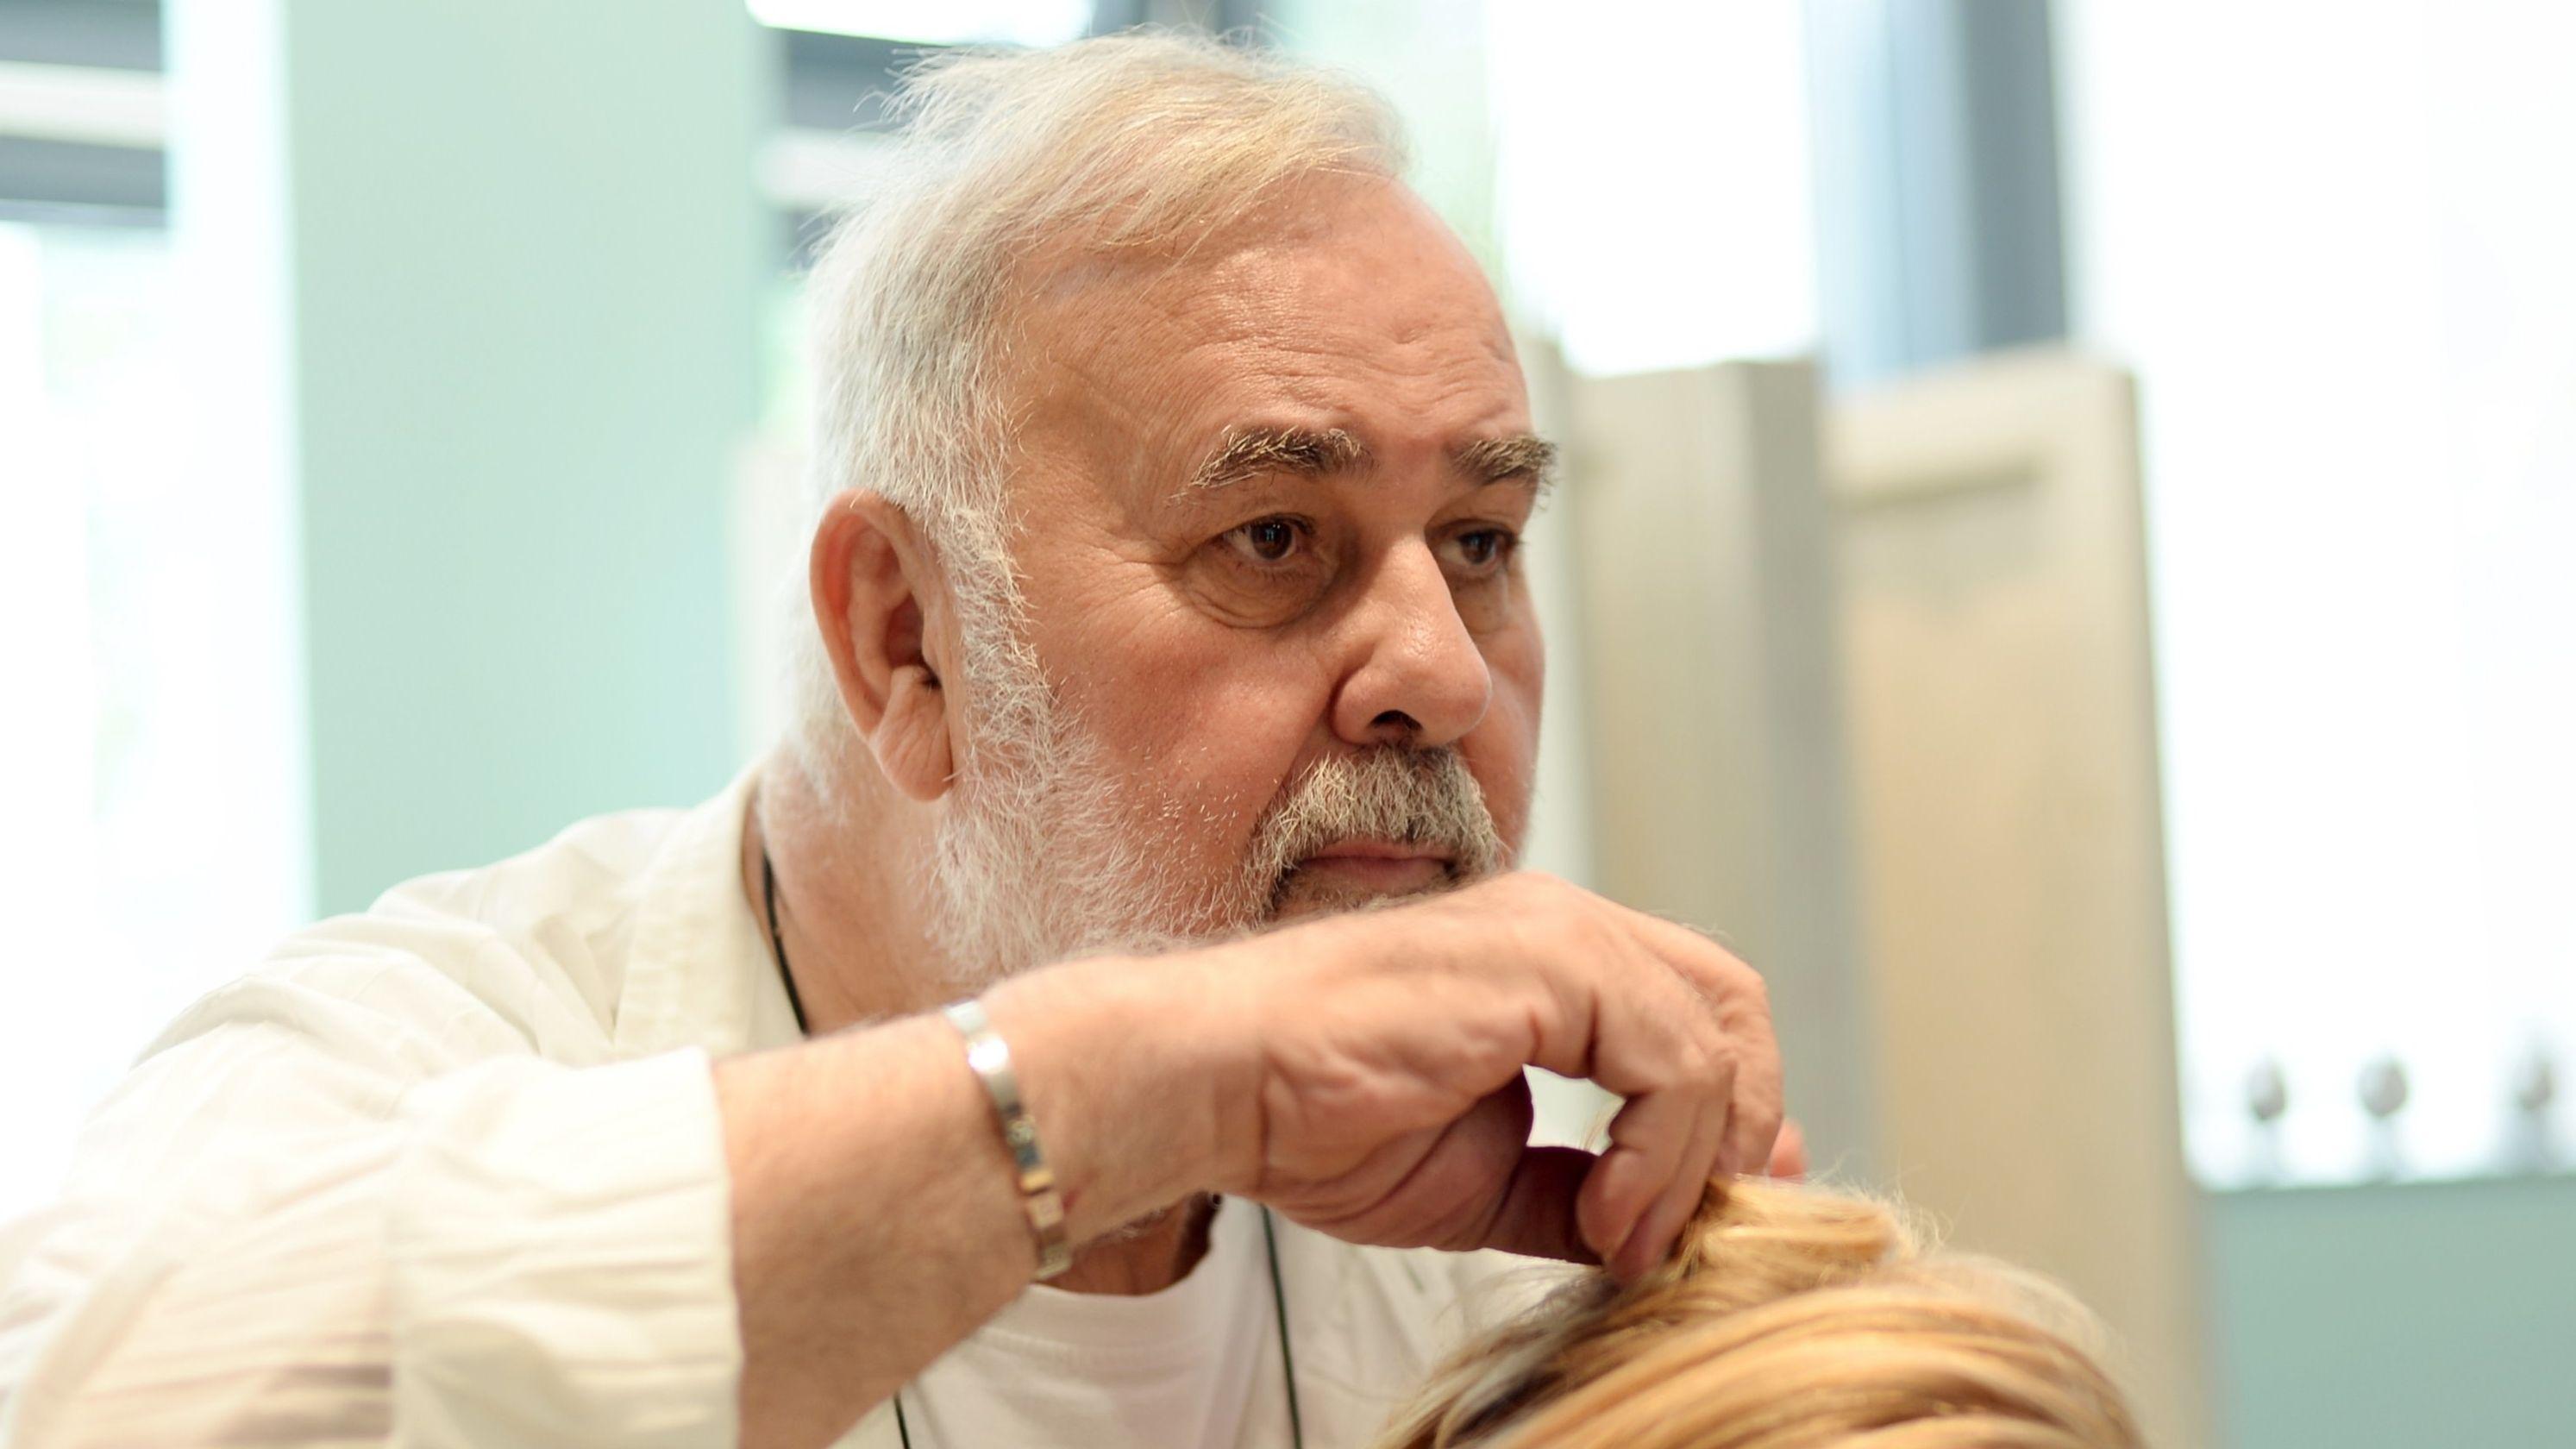 Der Prominenten-Friseur Udo Walz wird am 28. Juli 75 Jahre alt